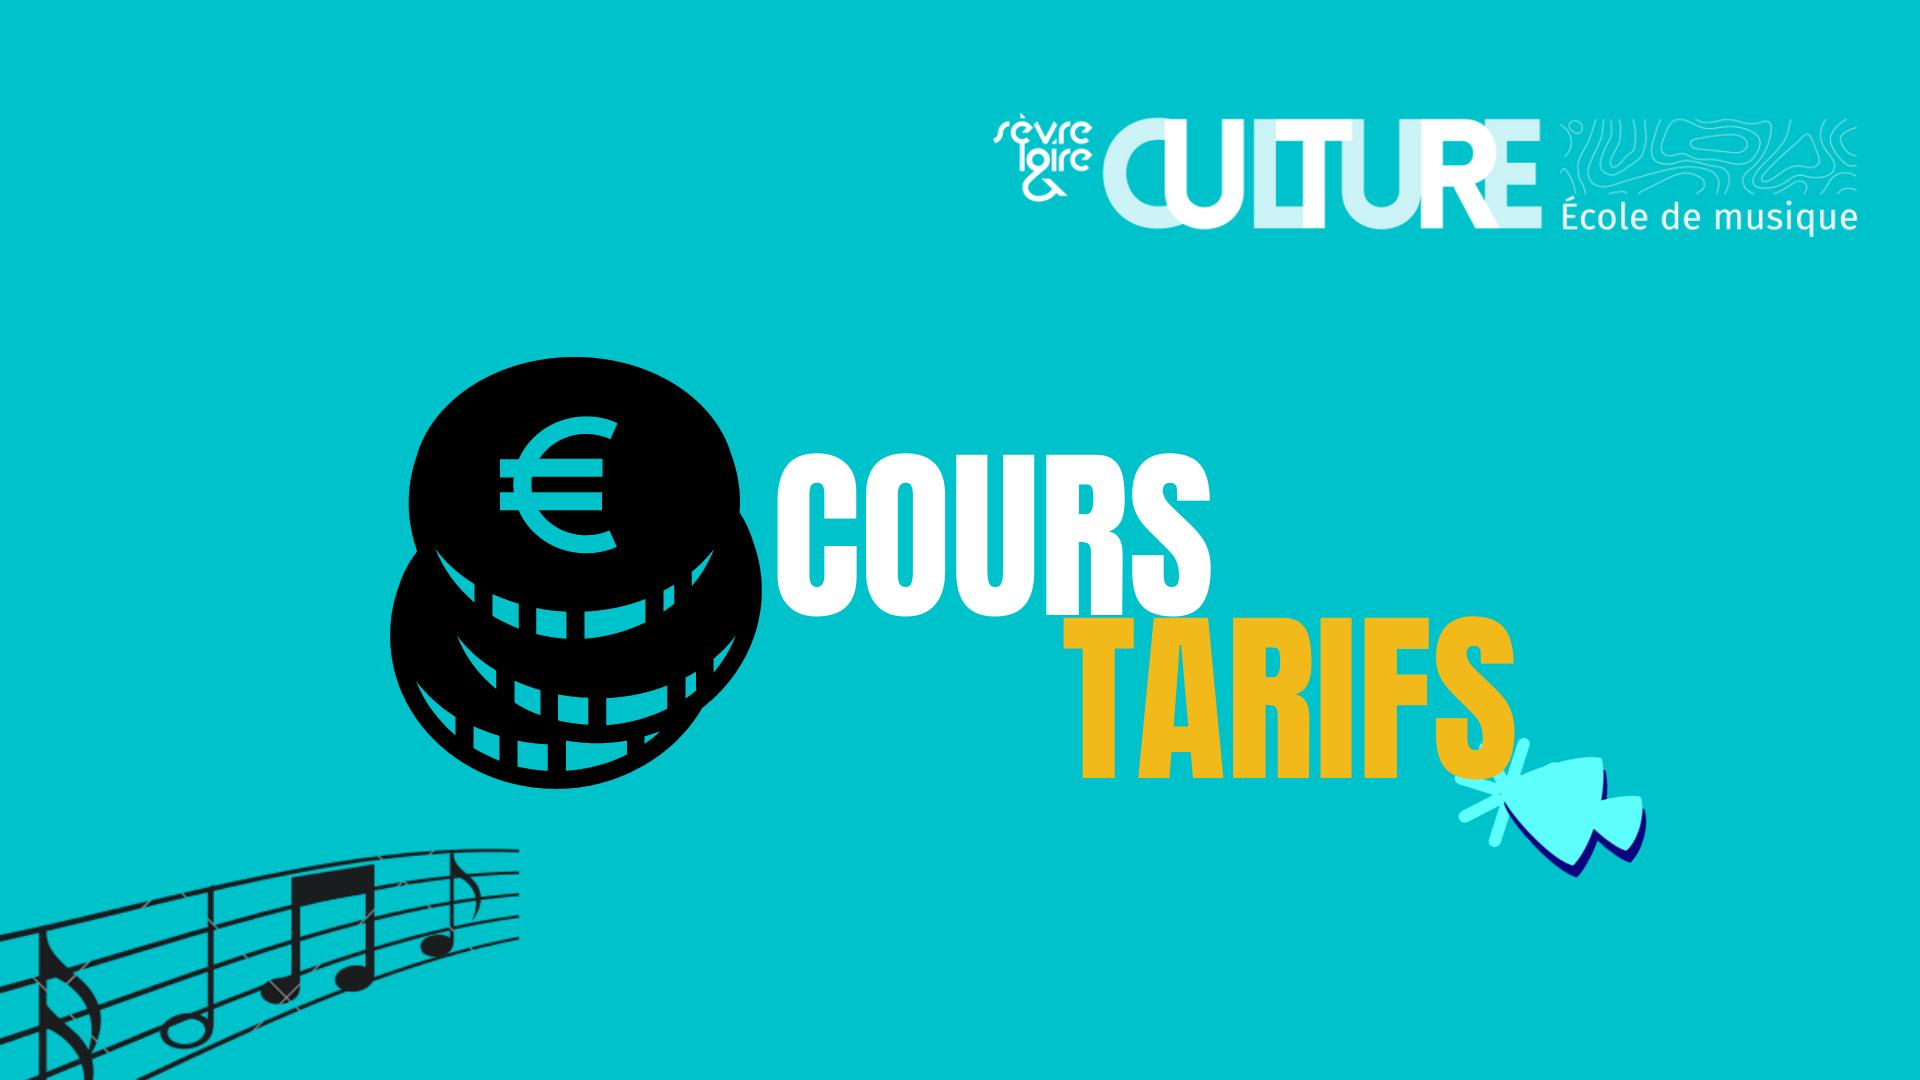 ecole-musique-sevreetloire-saison2021-2022 tarifs et cours